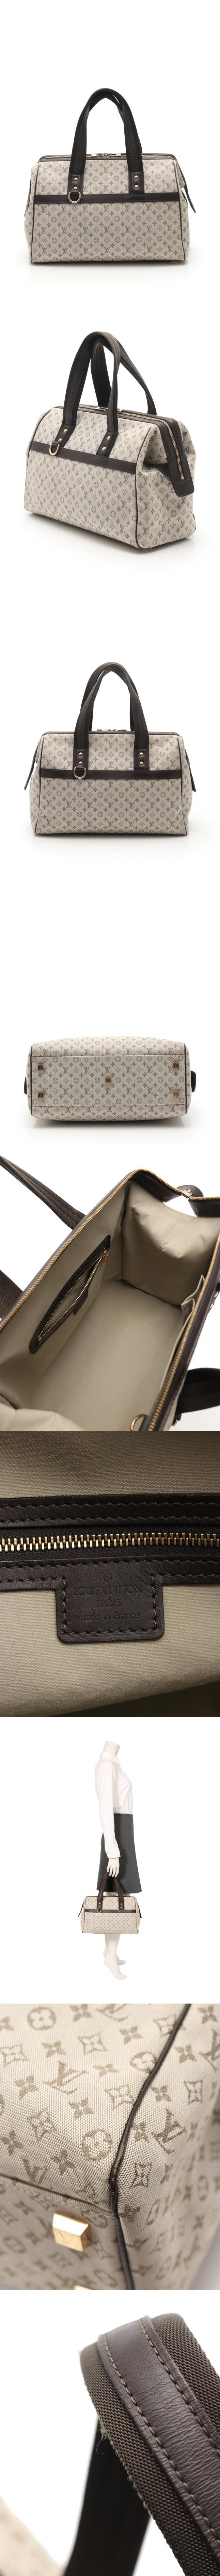 ハンドバッグ ジョセフィーヌGM モノグラムミニ カーキ M92310 キャンバス レザー